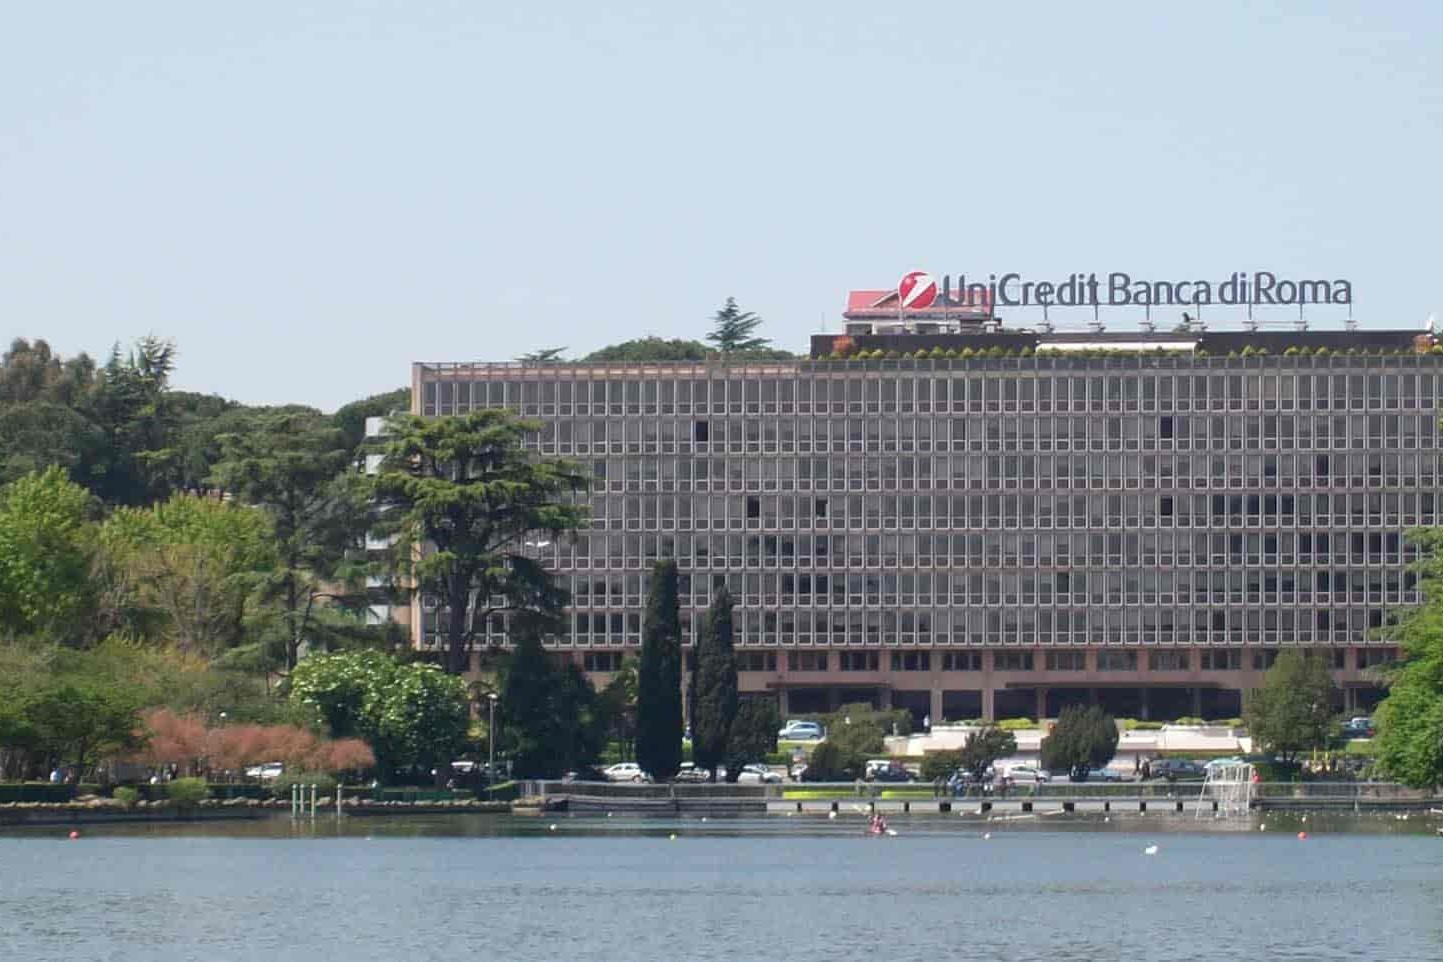 Roma, palazzo della Banca: sicurezza dei dati di UniCredit a rischio